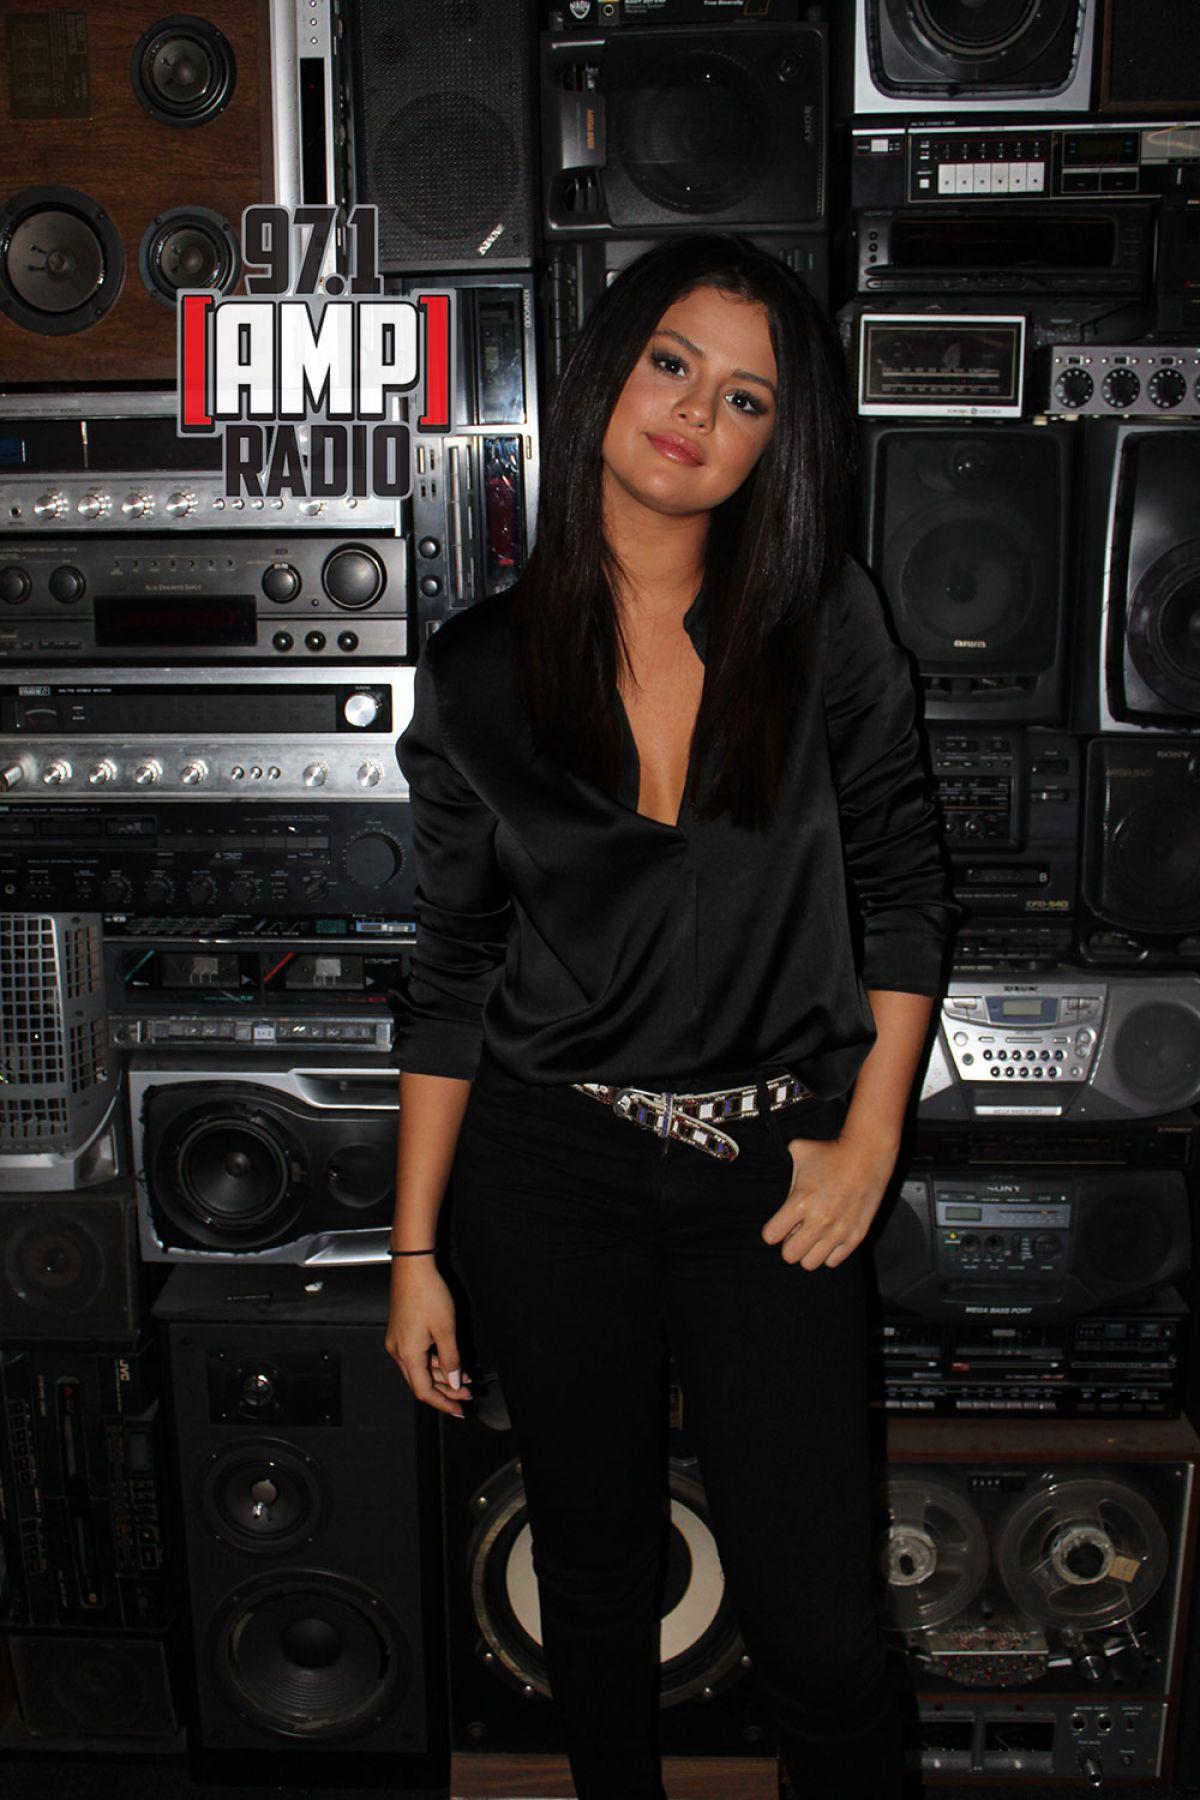 SELENA GOMEZ at 97.1 Amp Radio 06/22/2015 in New York